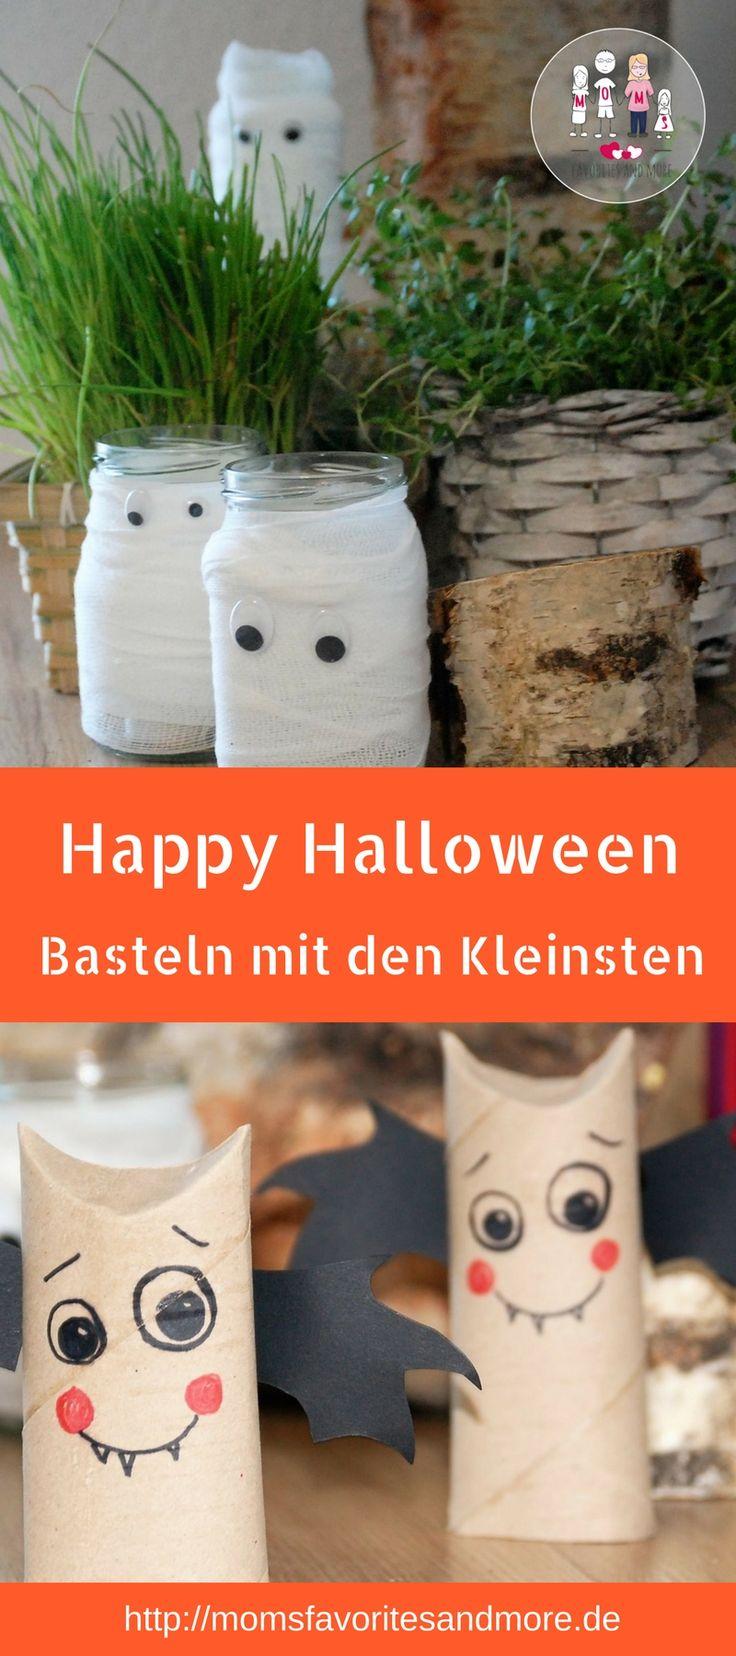 Bald ist wieder Halloween. Sucht ihr einfache und schöne Ideen für eure Kinderparty zu Halloween? Hier habe ich ein paar Ideen für euch bei denen kleine Kinder bereits mitmachen können. Bastelt mit den Kleinsten zu Halloween süße Geister, Fledermäuse, Mumien oder macht tolle Deko aus Papptellern. Basteln mit Papptellern zu Halloween. Ich zeig euch, wie es geht. #halloween #diy